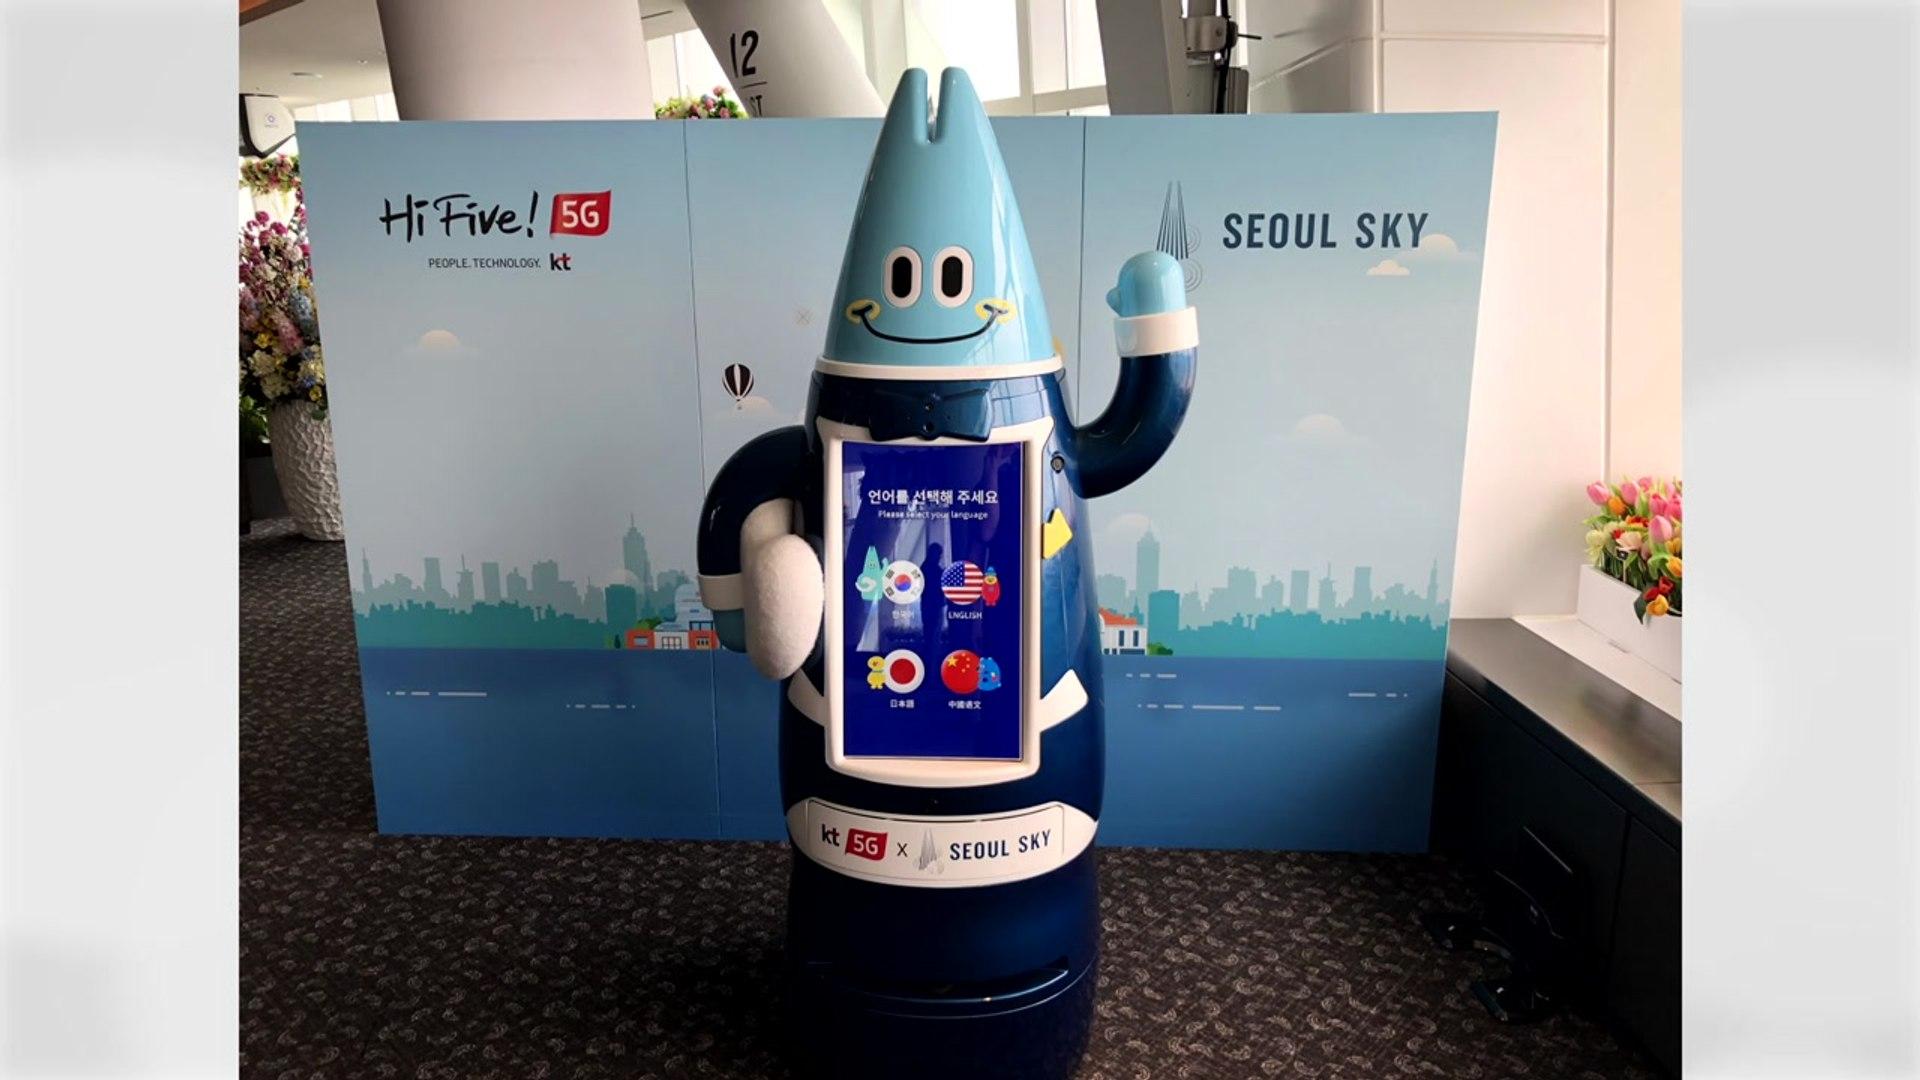 [기업] 롯데월드타워 전망대서 5G 로봇 만난다 / YTN